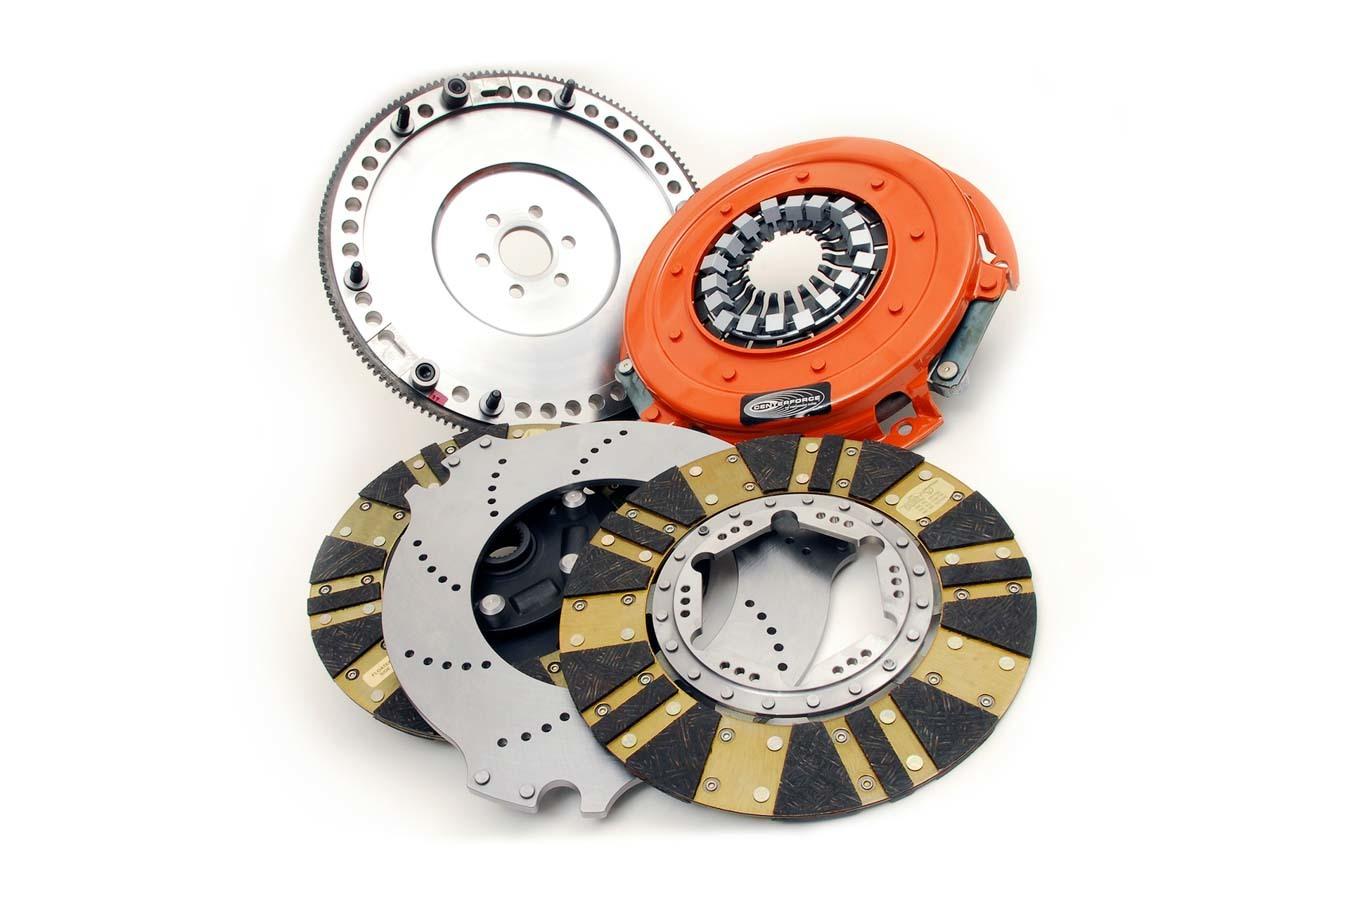 Centerforce 04115728 Clutch Kit, DYAD, Twin Disc, 10-1/2 in Diameter, 1-1/8 in x 26 Spline, Sprung Hub, Flywheel, Organic, Ford, Kit